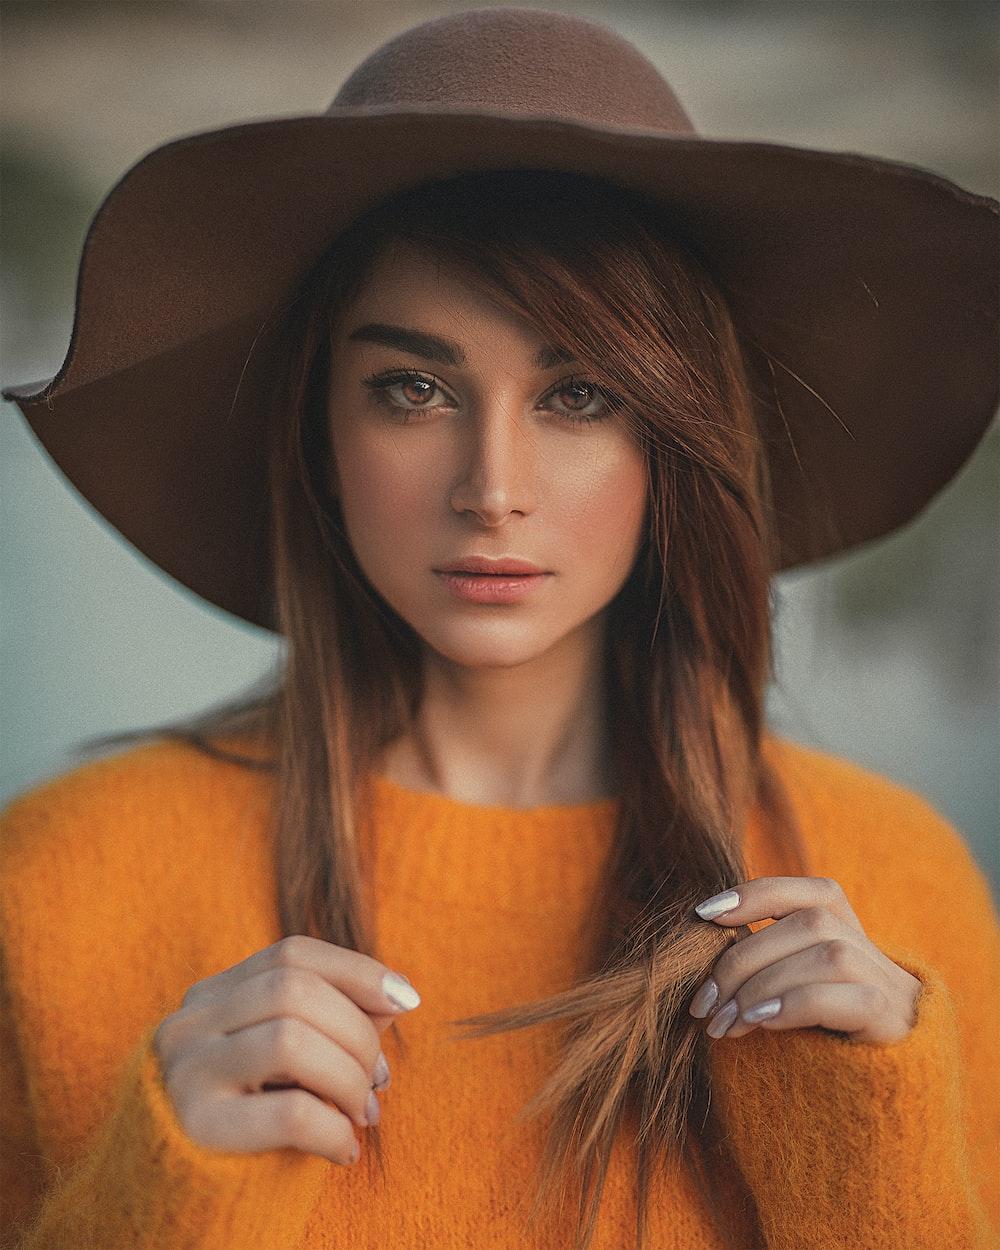 woman in orange knit sweater